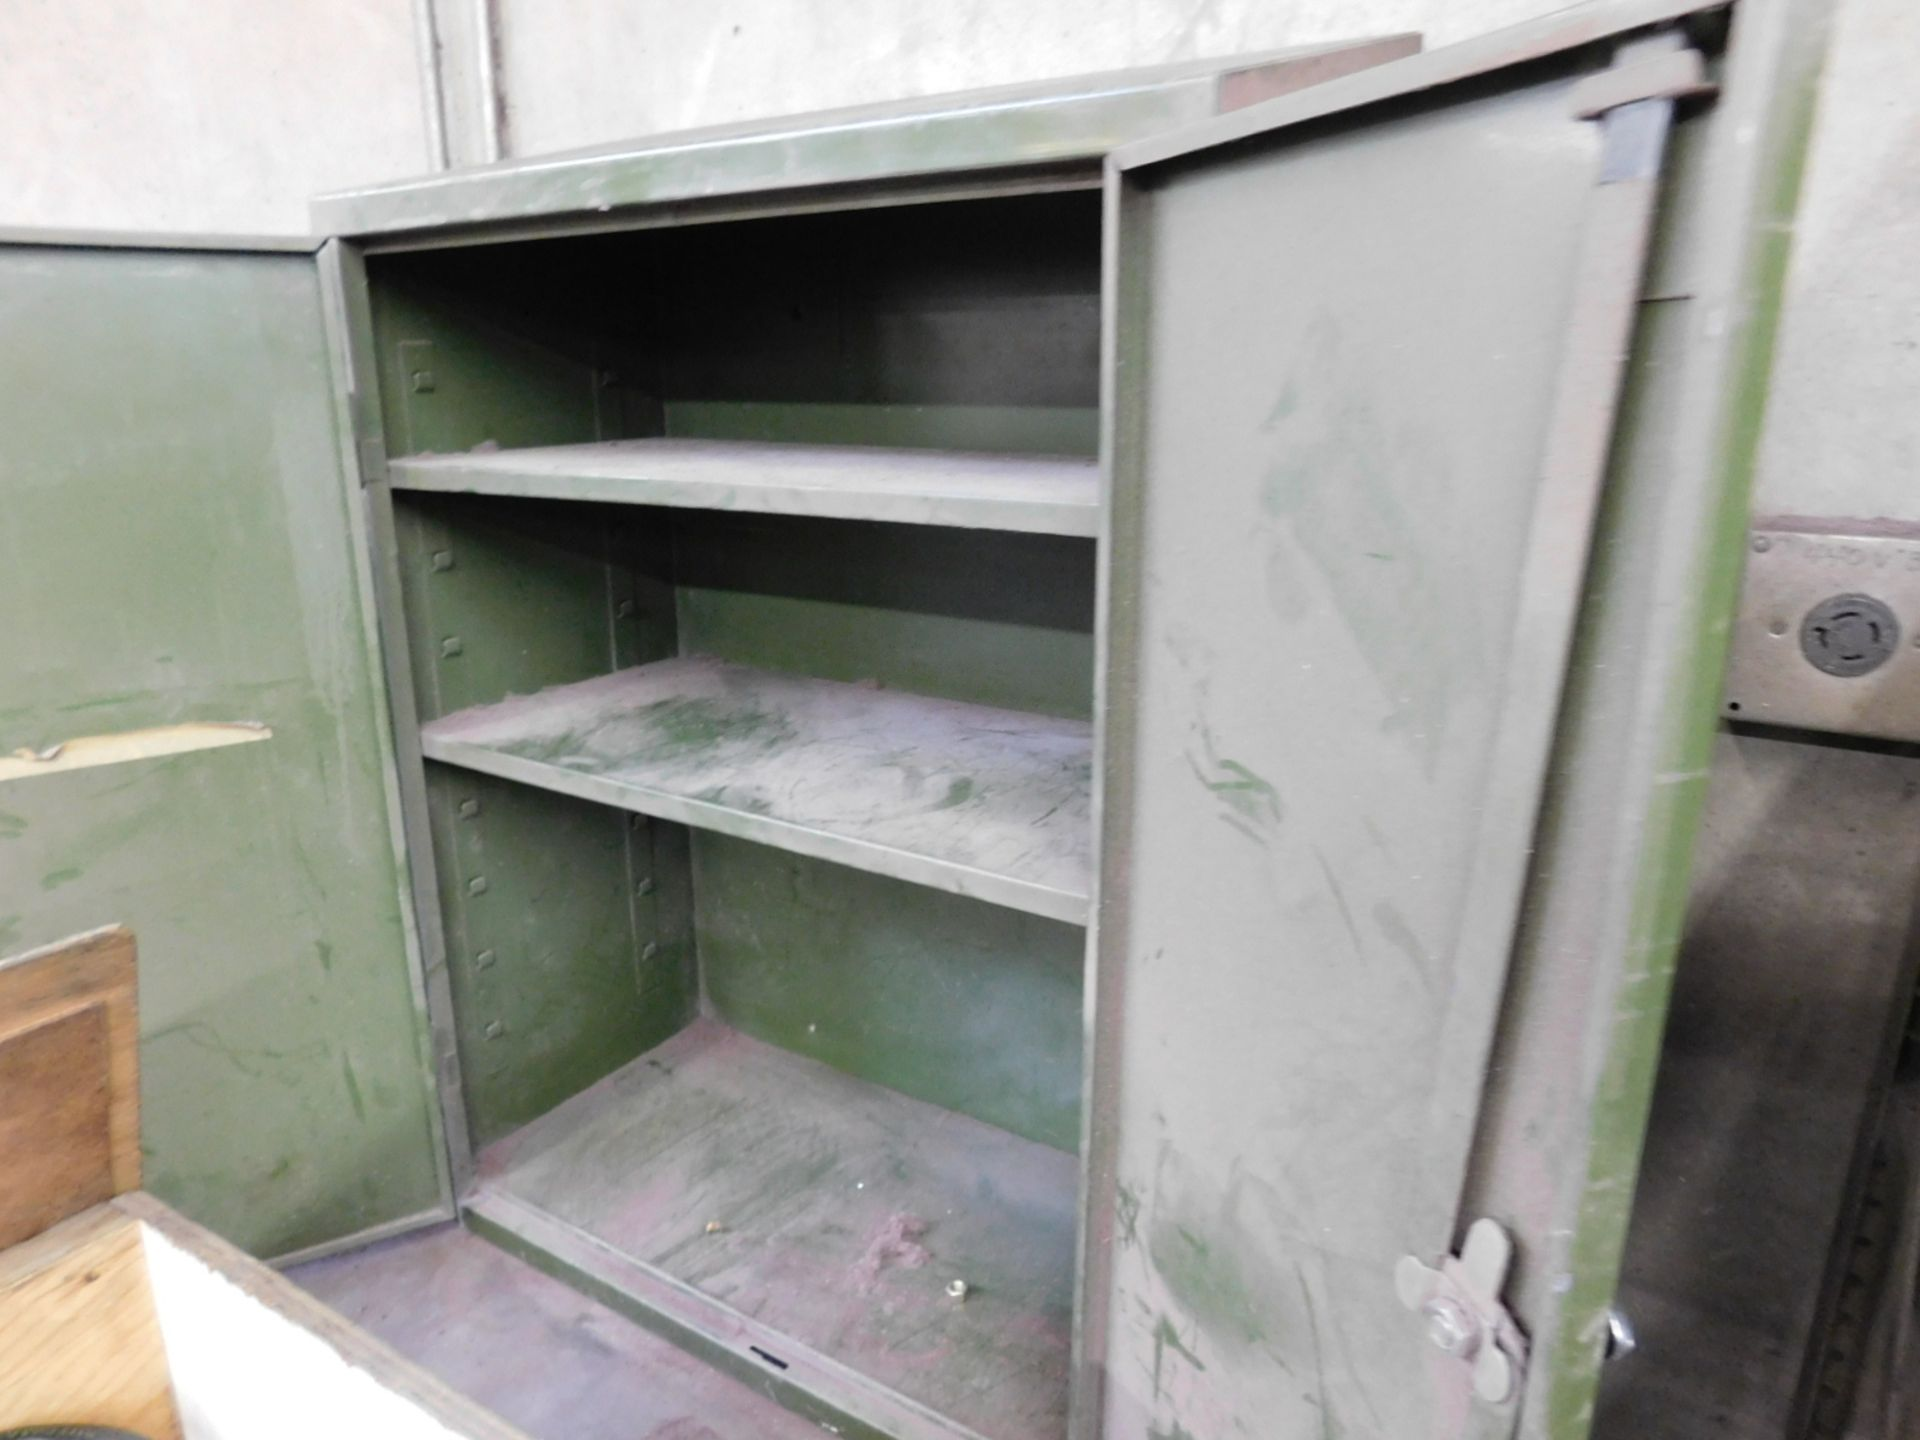 2-DOOR STEEL WALL CABINET, W/ (2) ADJUSTABLE SHELVES, EMPTY - Image 2 of 2